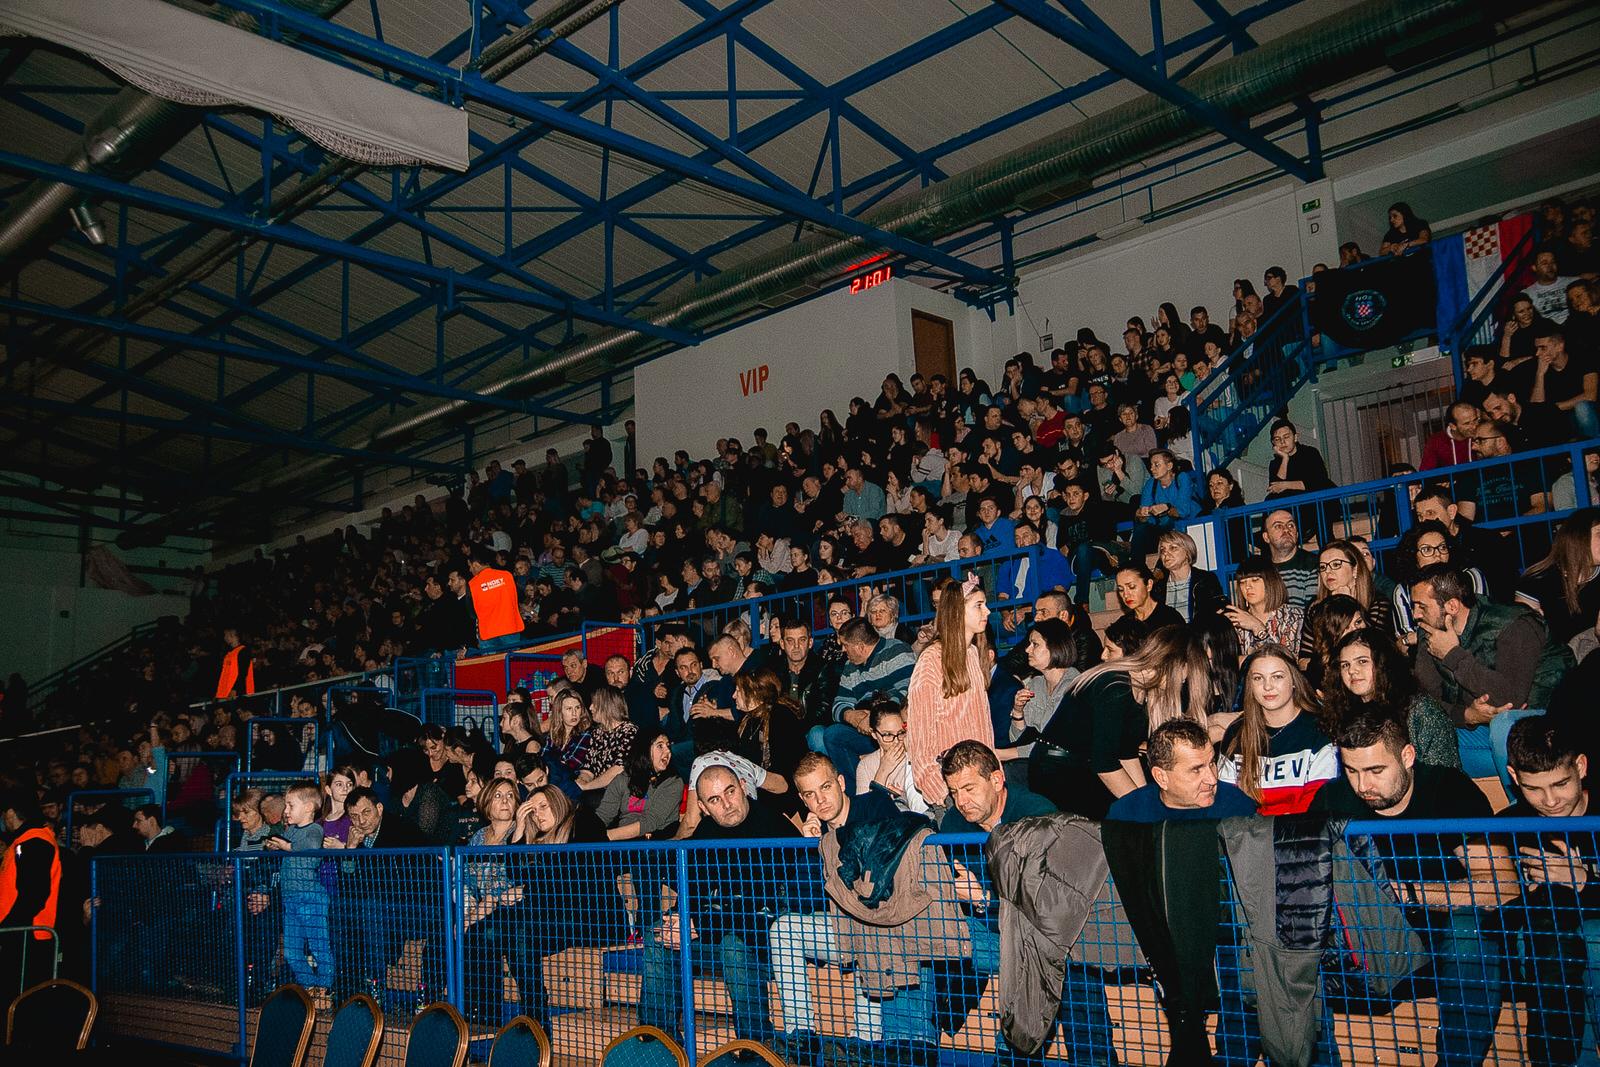 likaclub_gospić_koncert-thompson_2018-6